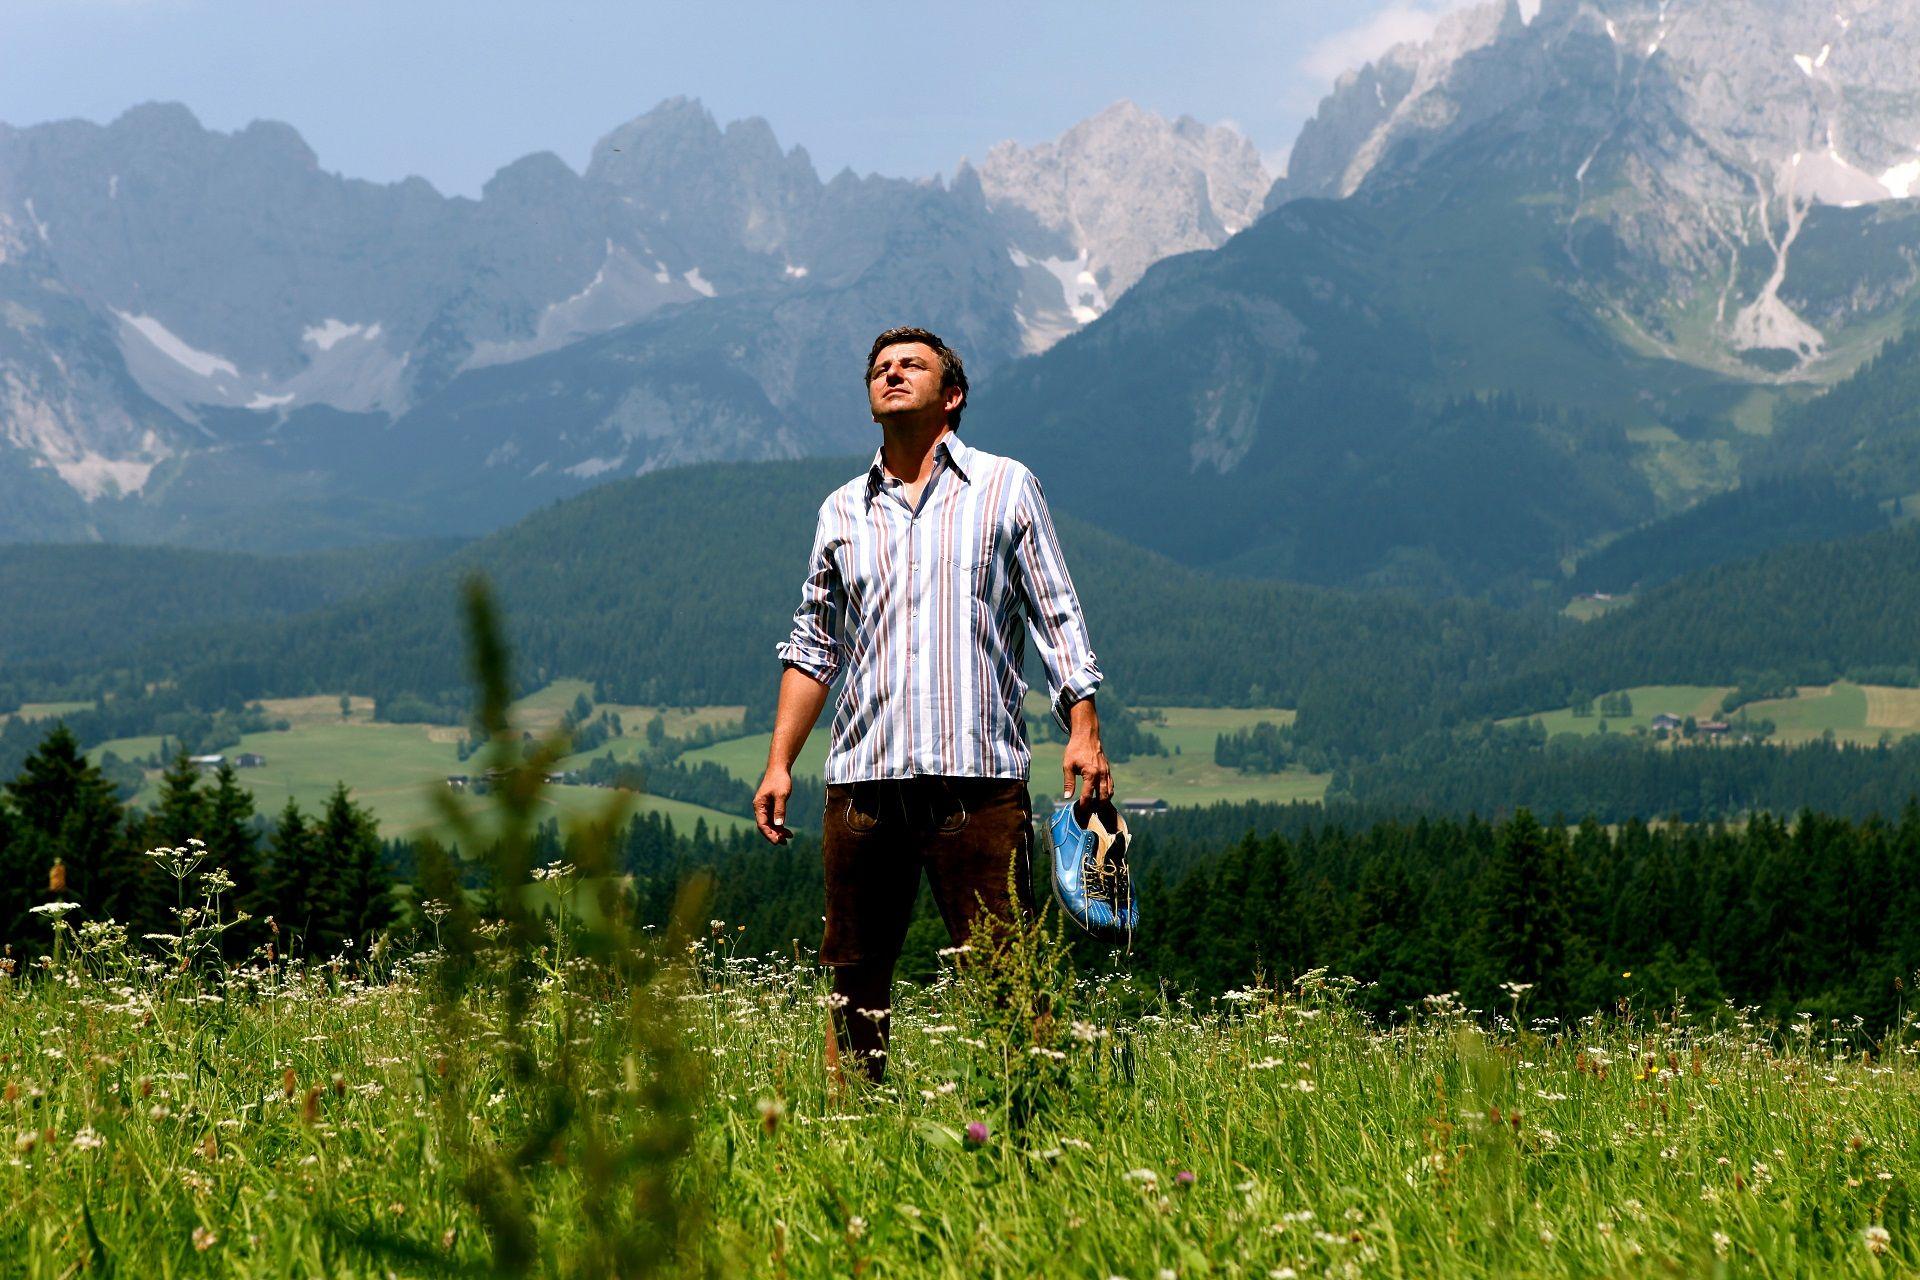 Hans Sigl spielt seit 2007 den Bergdoktor. Foto: ©susannesigl/TVB Wilder Kaiser